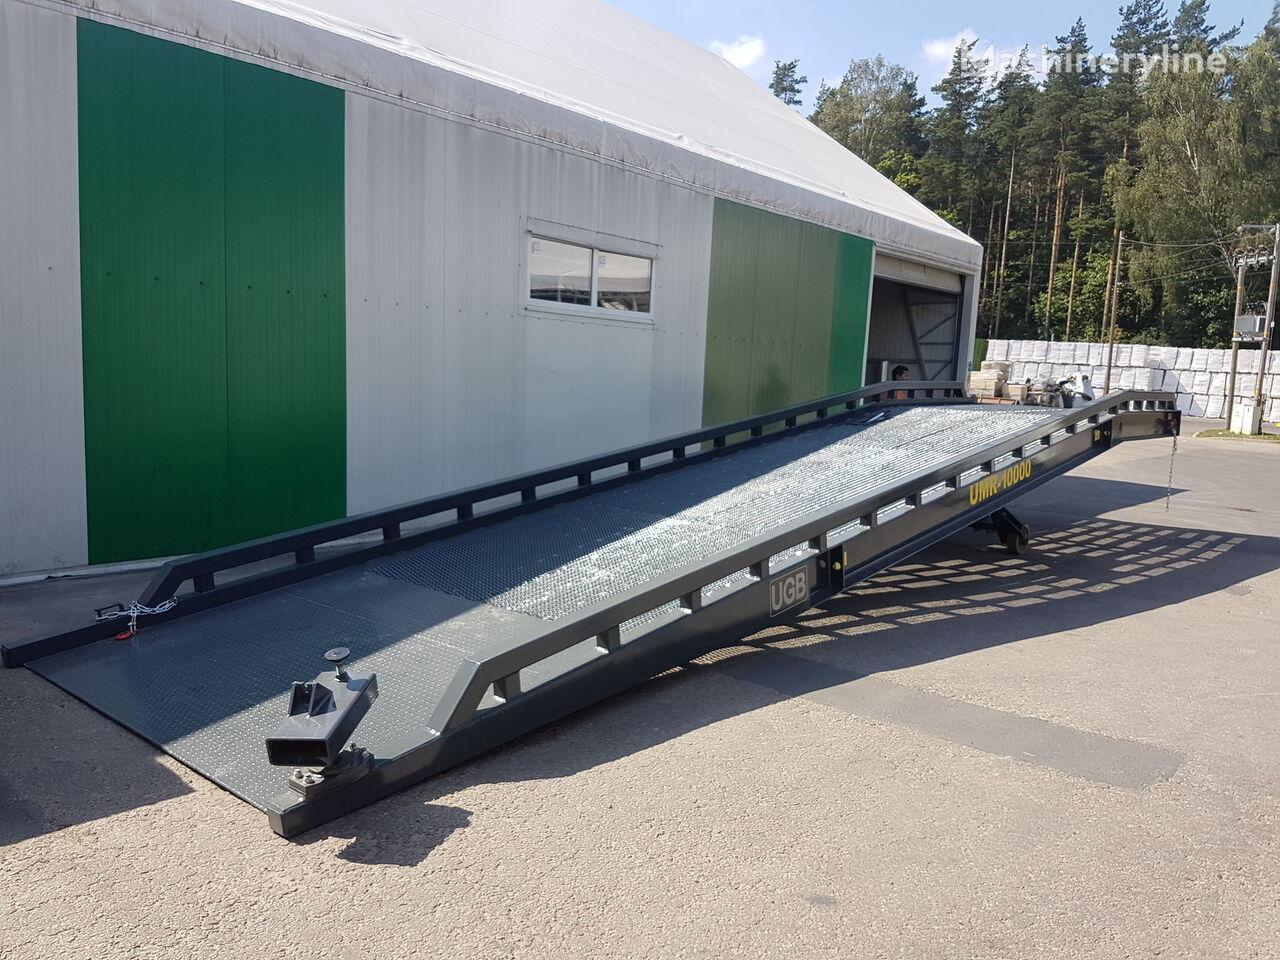 rampa de carga móvil Konteinerių pakrovimo mobili rampa nueva